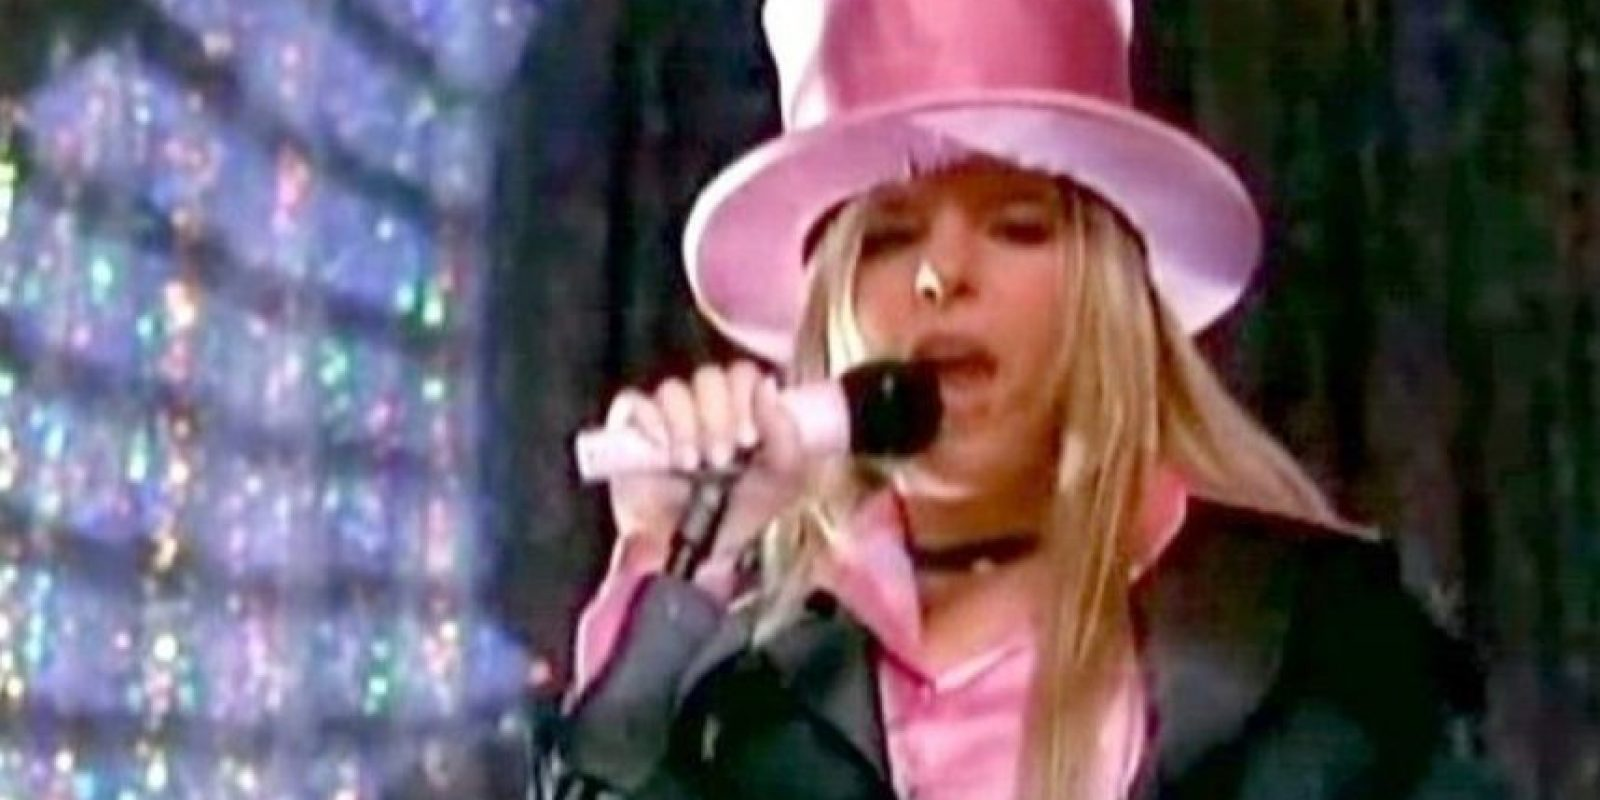 Otro sombrero de copa rosado, digno de una fiesta queer en los años 70. Foto:vía Getty Images